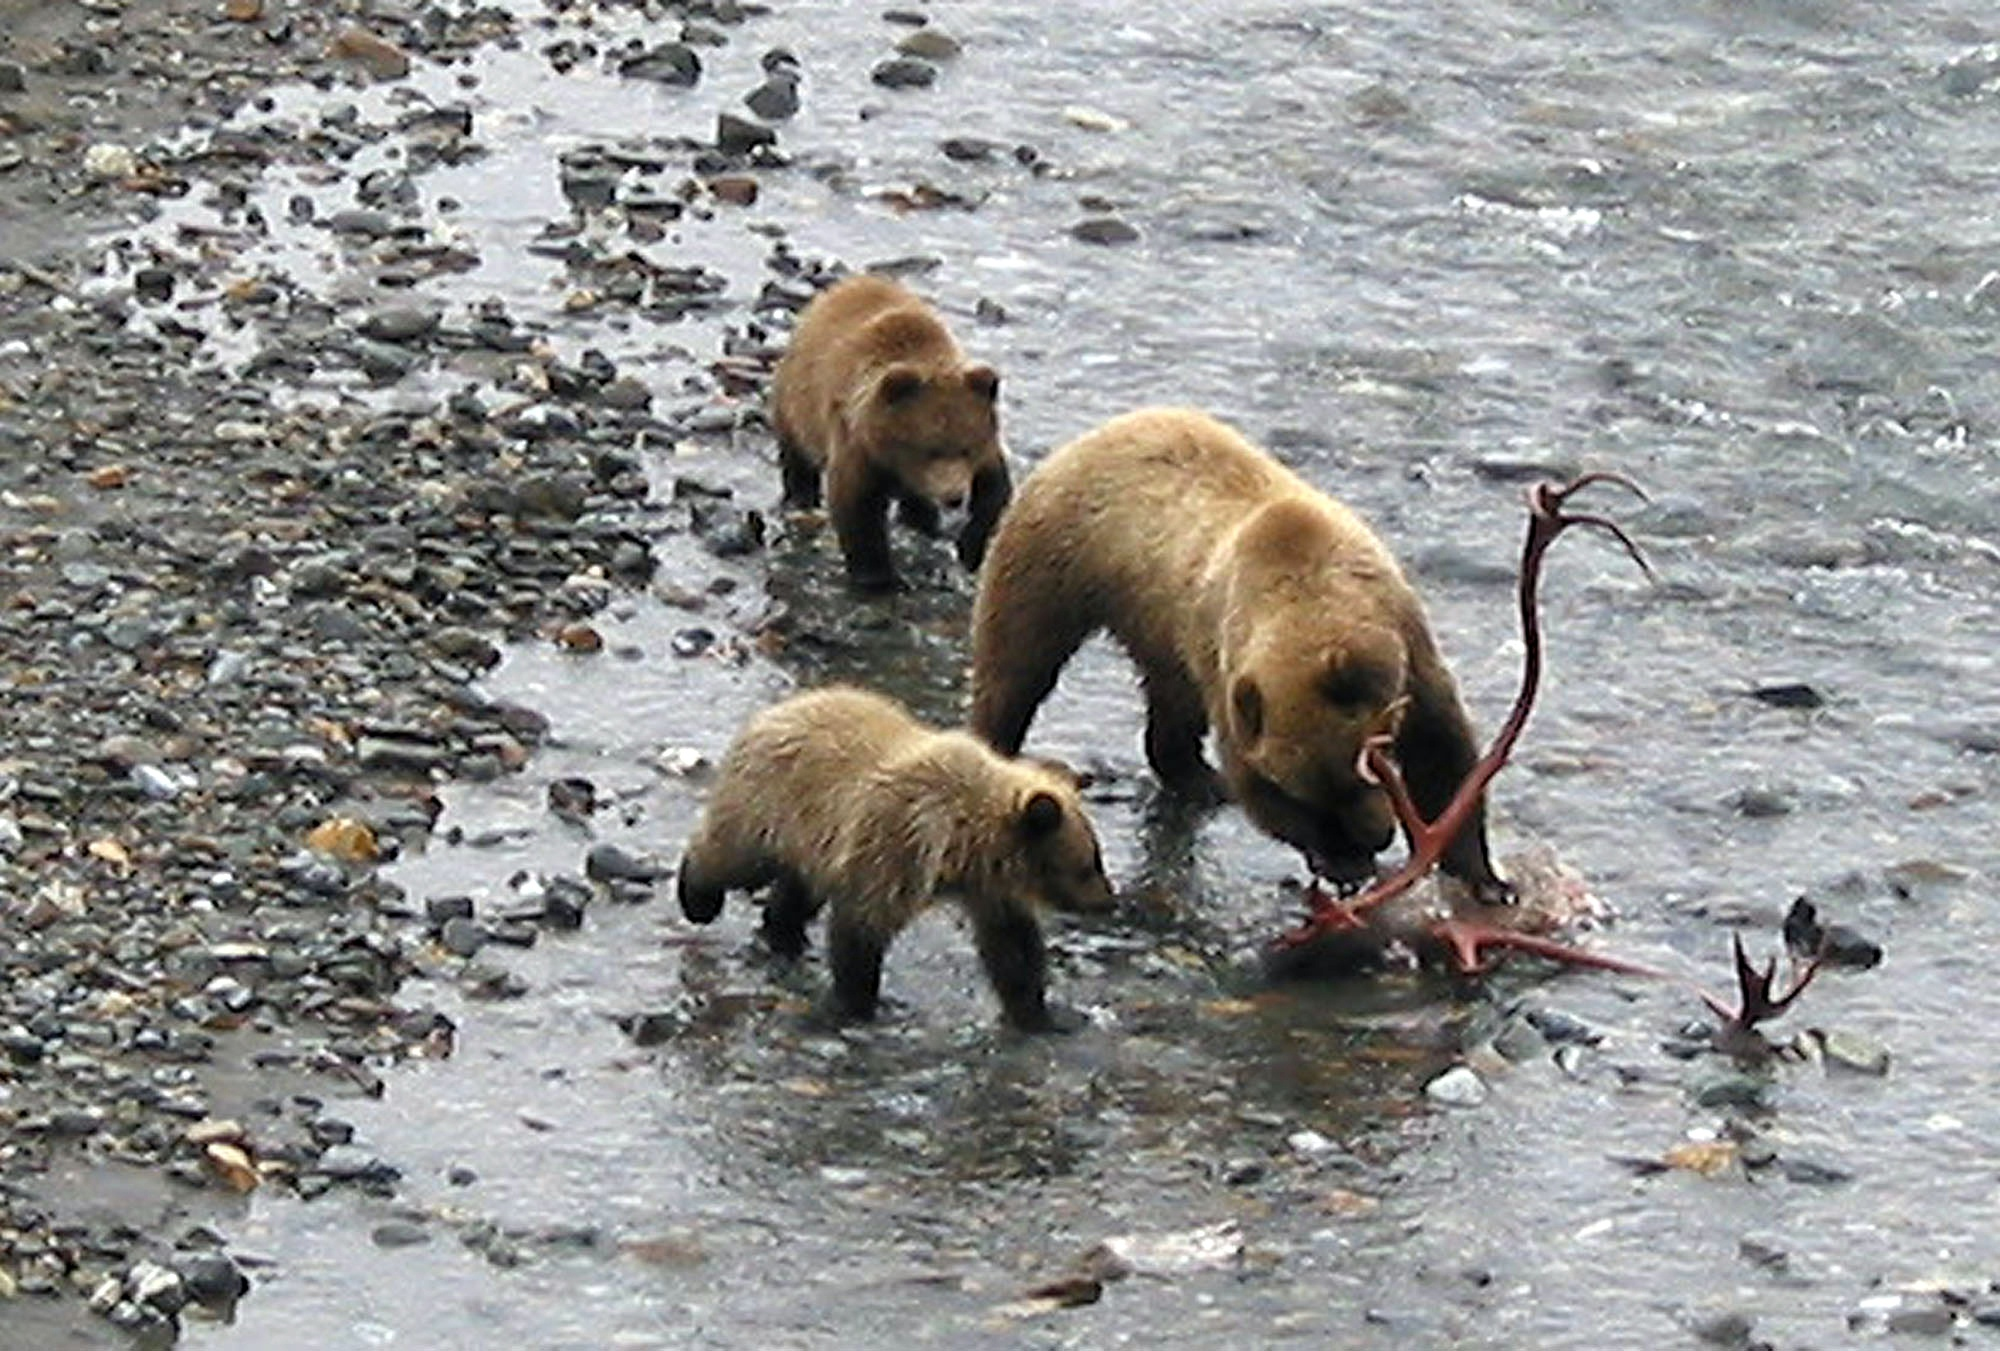 2004 Alaska 04 bears Denali